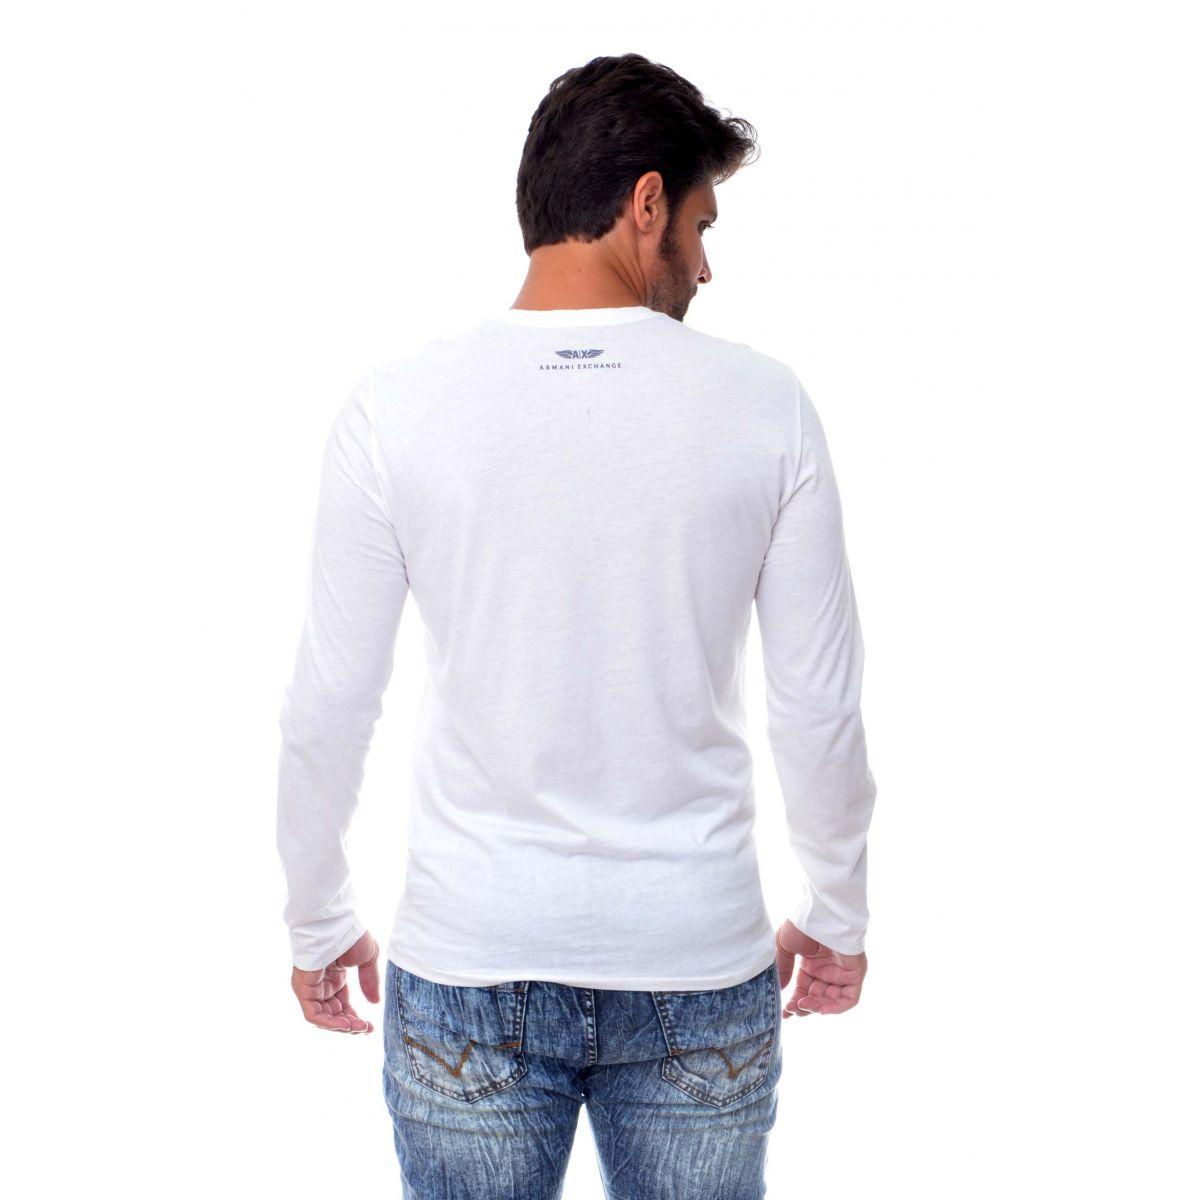 Camiseta Manga longa Armani Exchange Box Branca  - Ca Brasileira